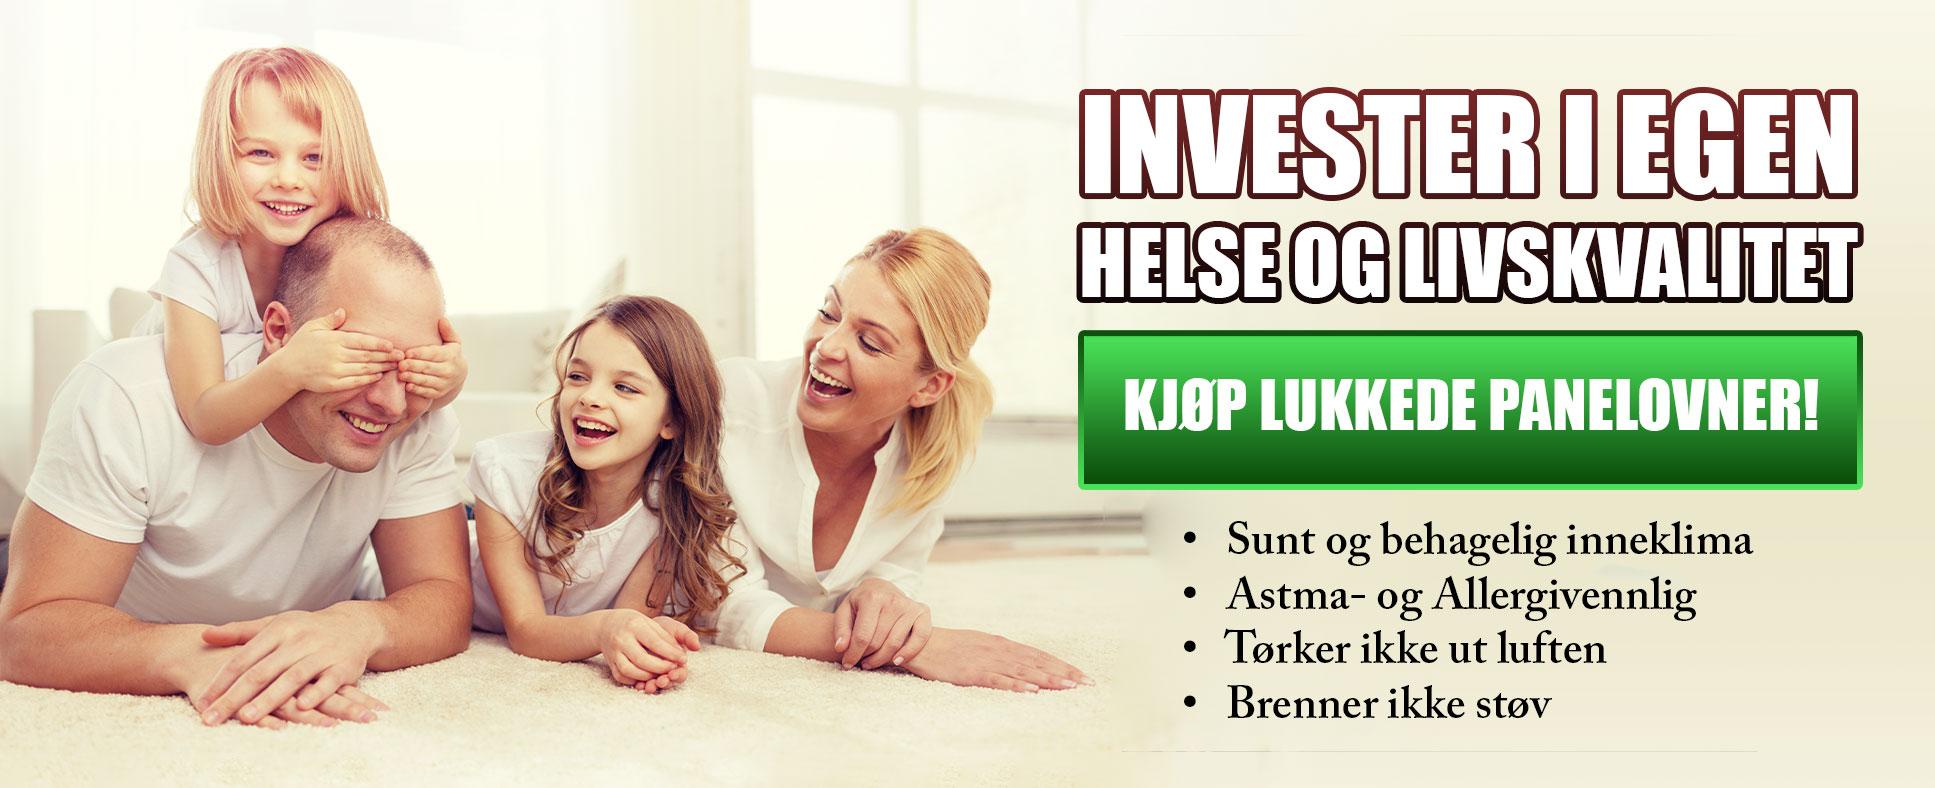 Invester i helse og livskvalitet – Annonse